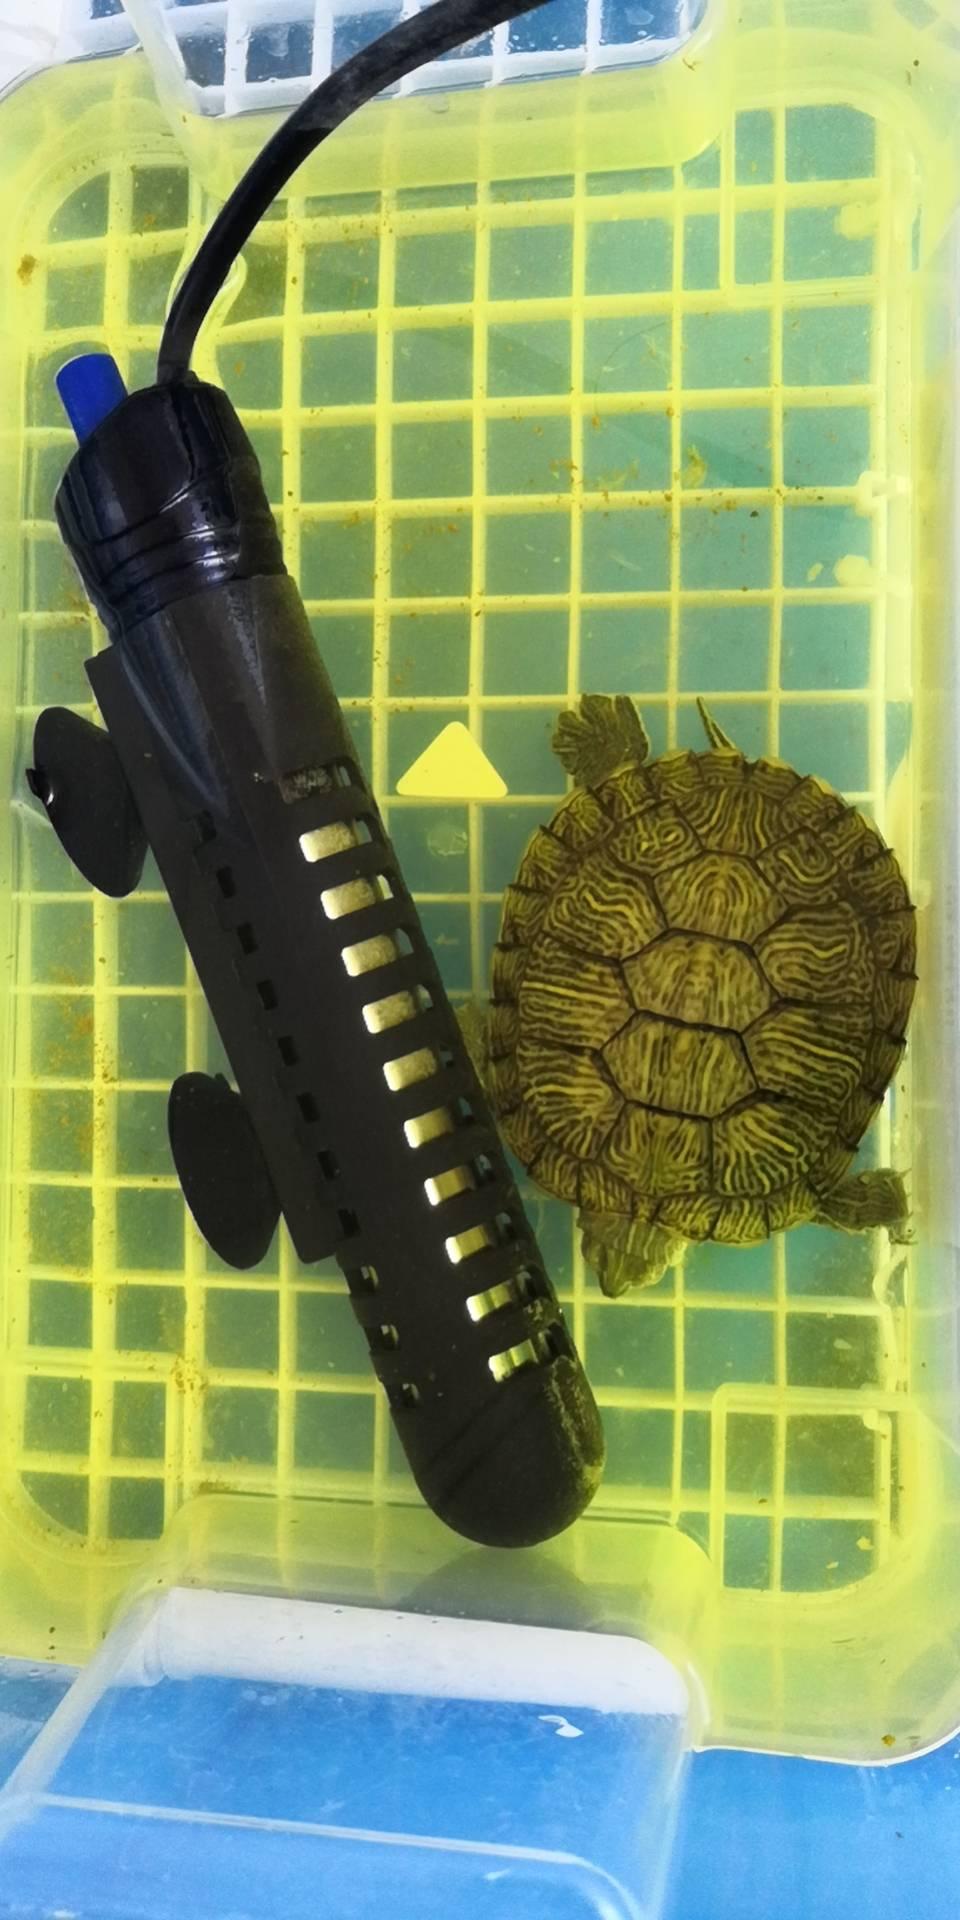 jerrycoding 沼泽龟缸升级记